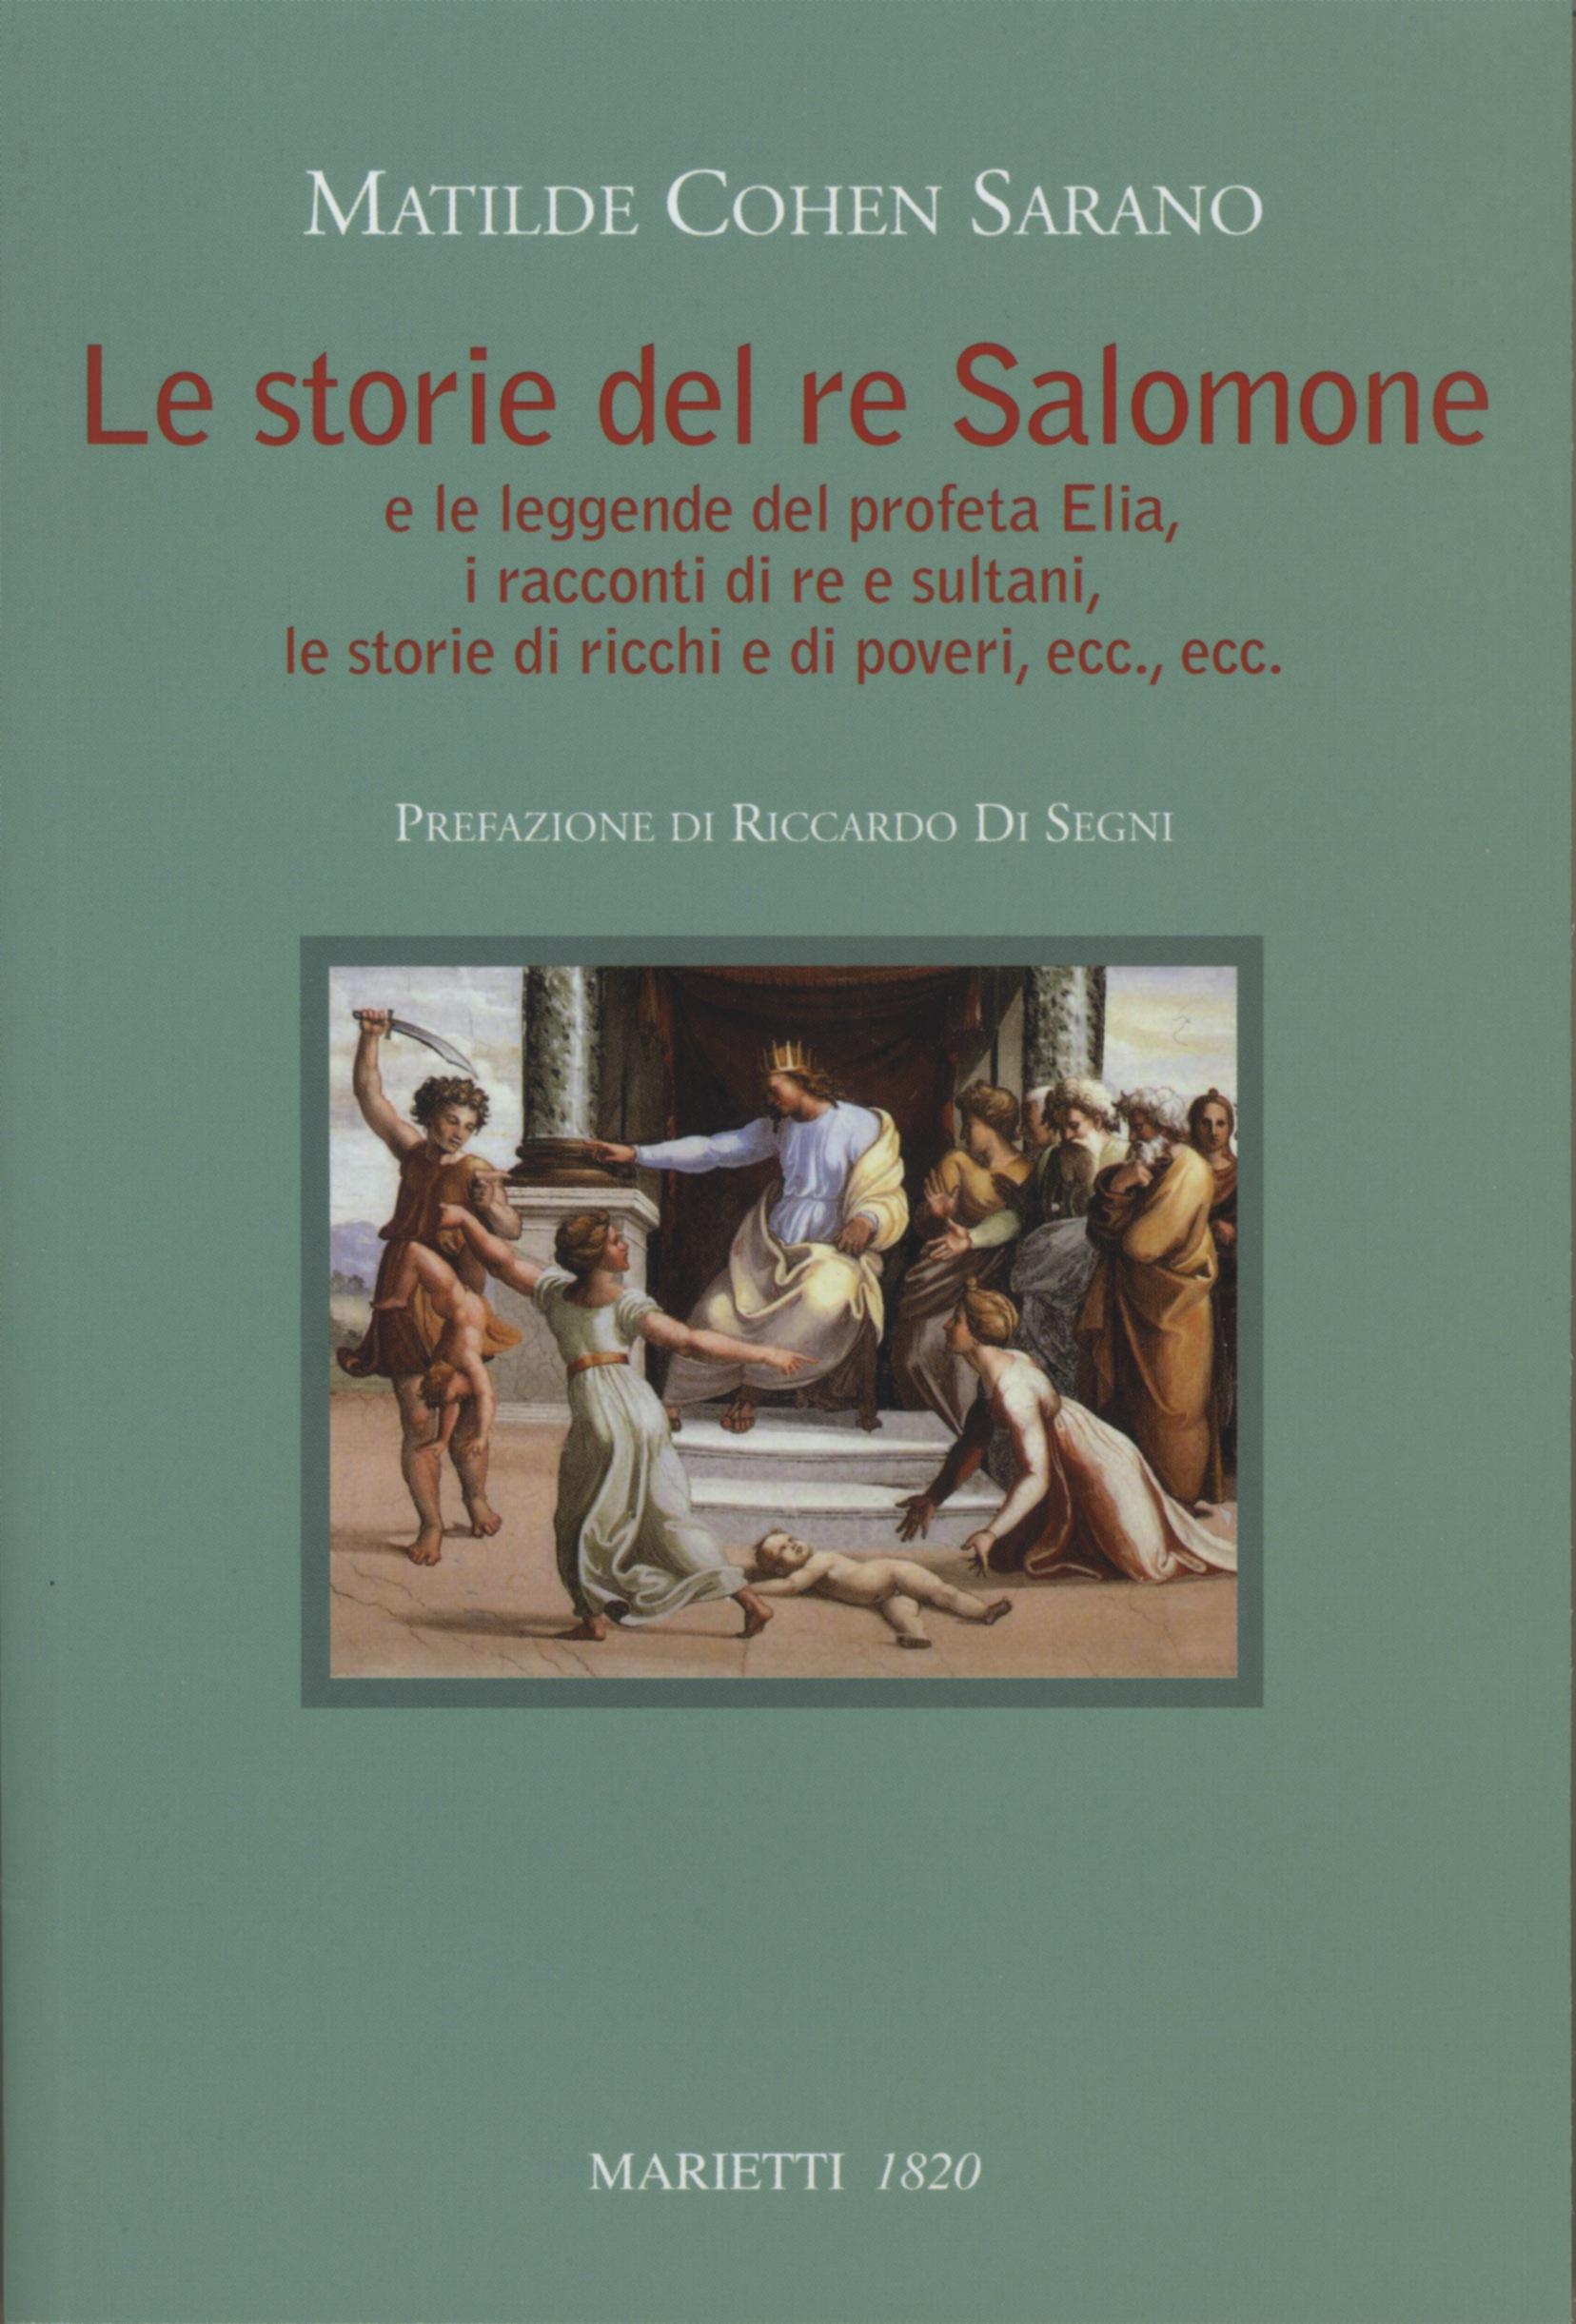 Le storie del re Salomone